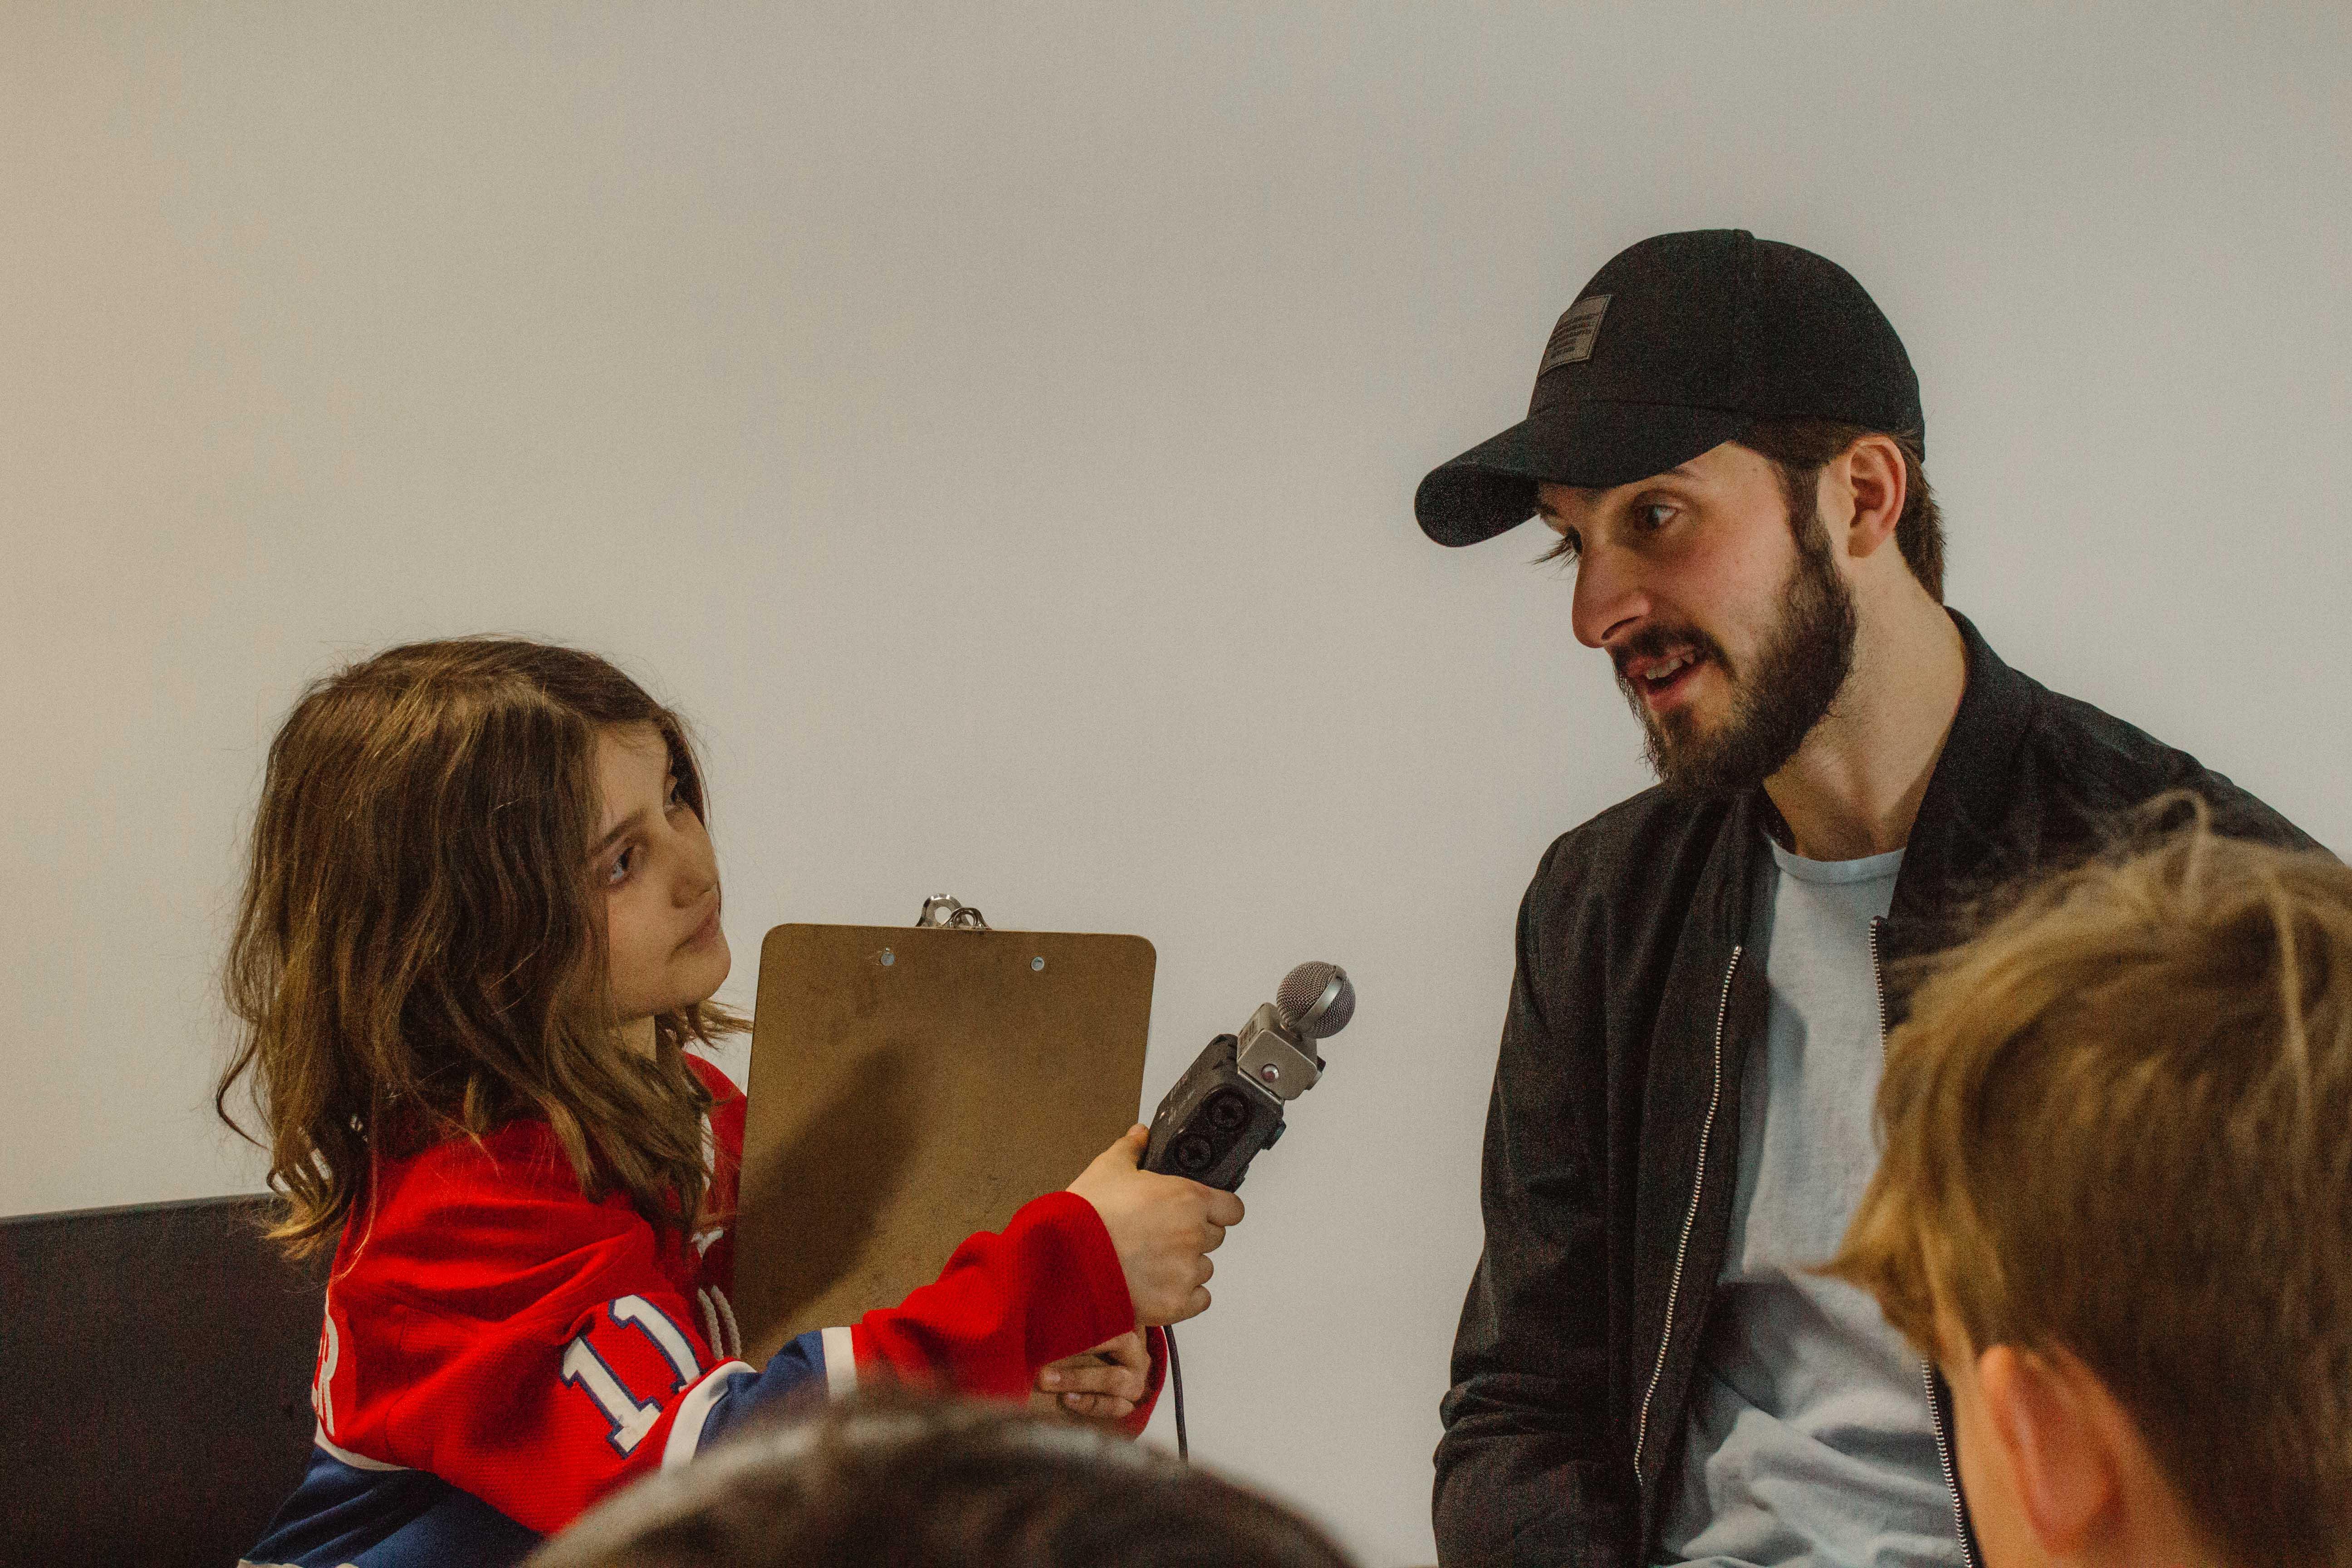 Entrevue-50